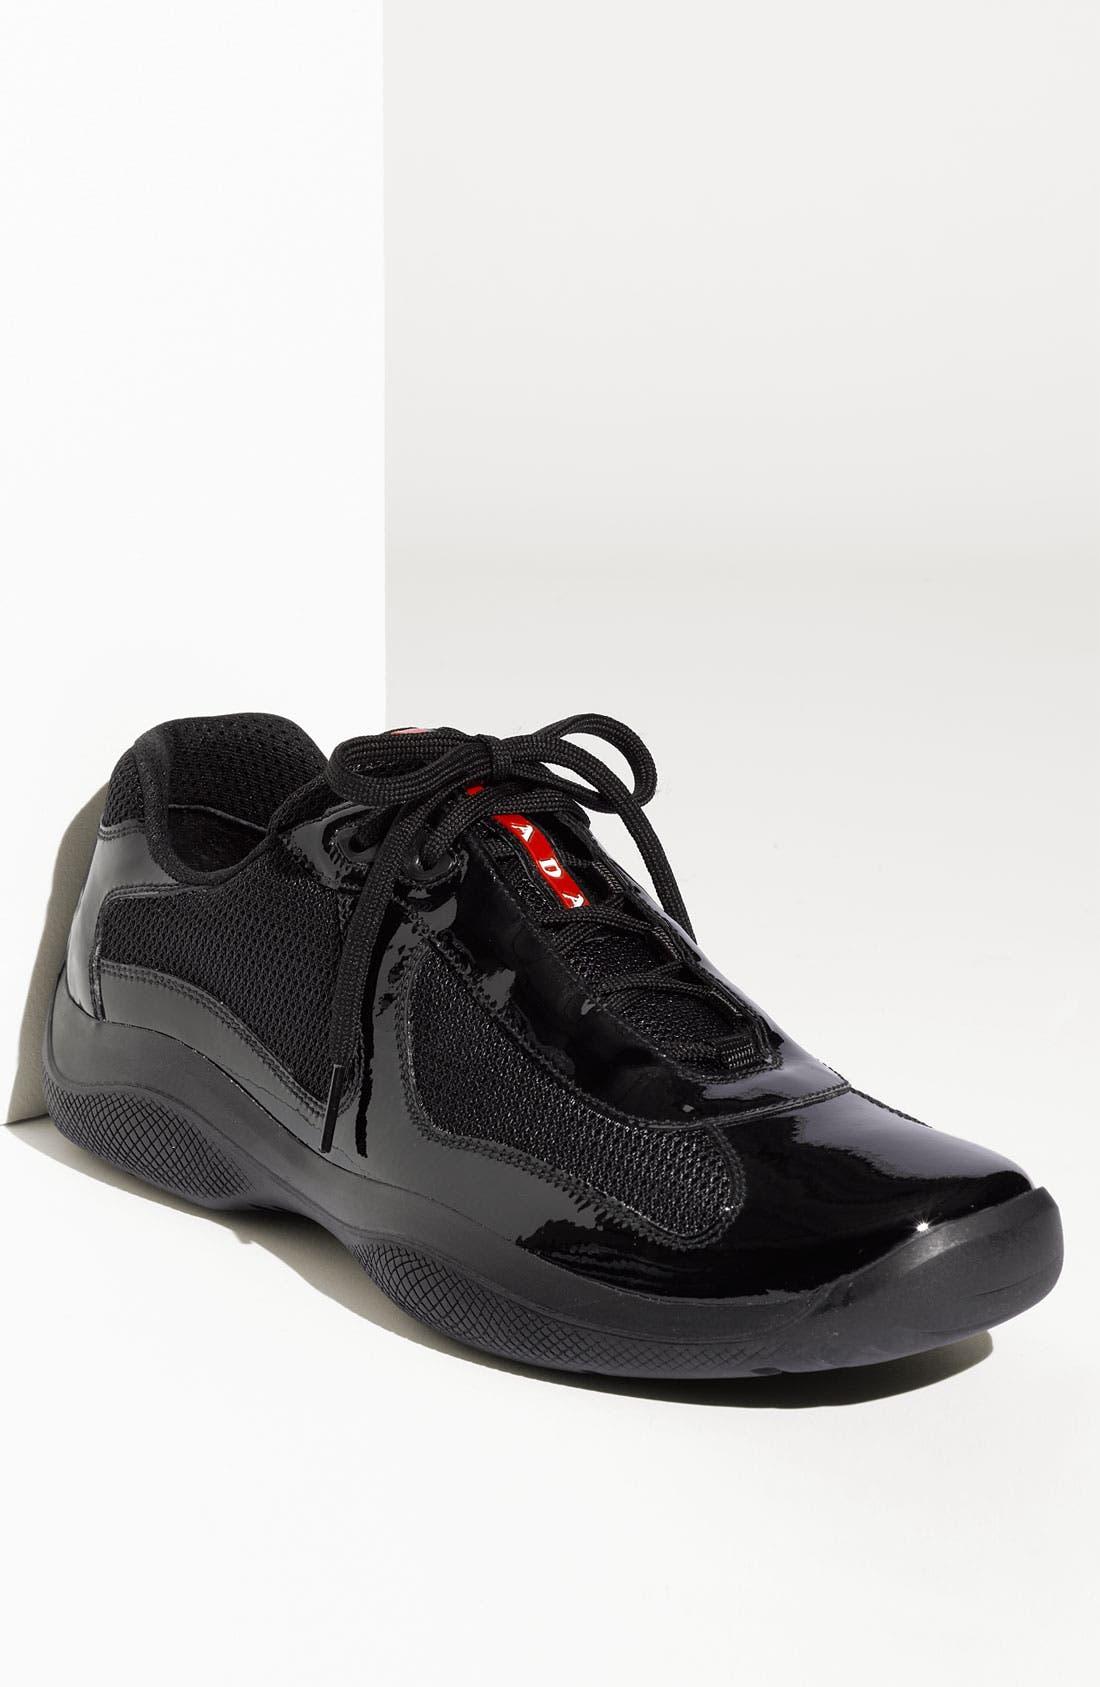 Alternate Image 1 Selected - Prada 'America's Cup' Mesh & Leather Sneaker (Men)